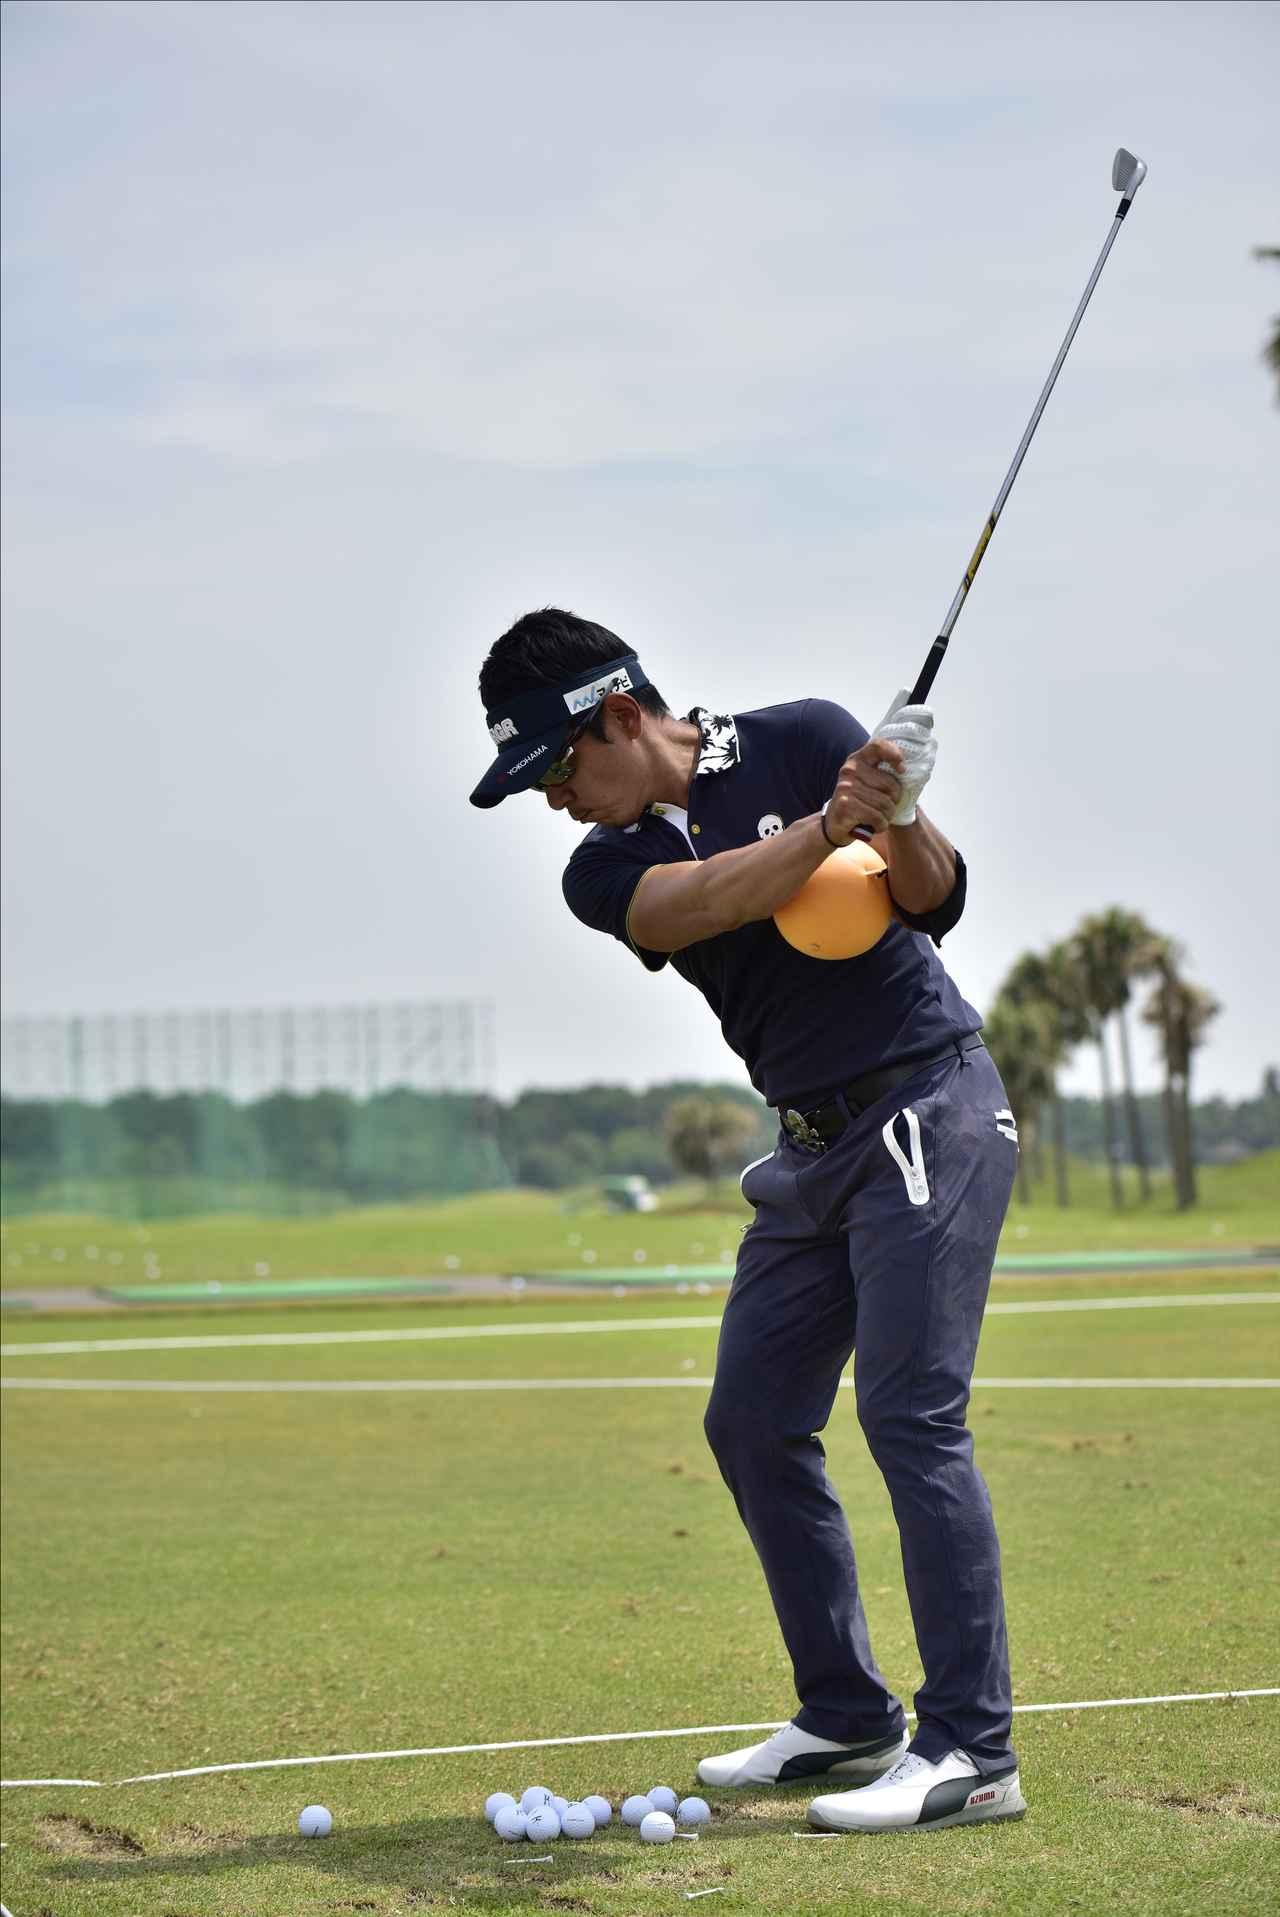 画像2: 【動画】プロゴルファーは 左打ちでも70台!?